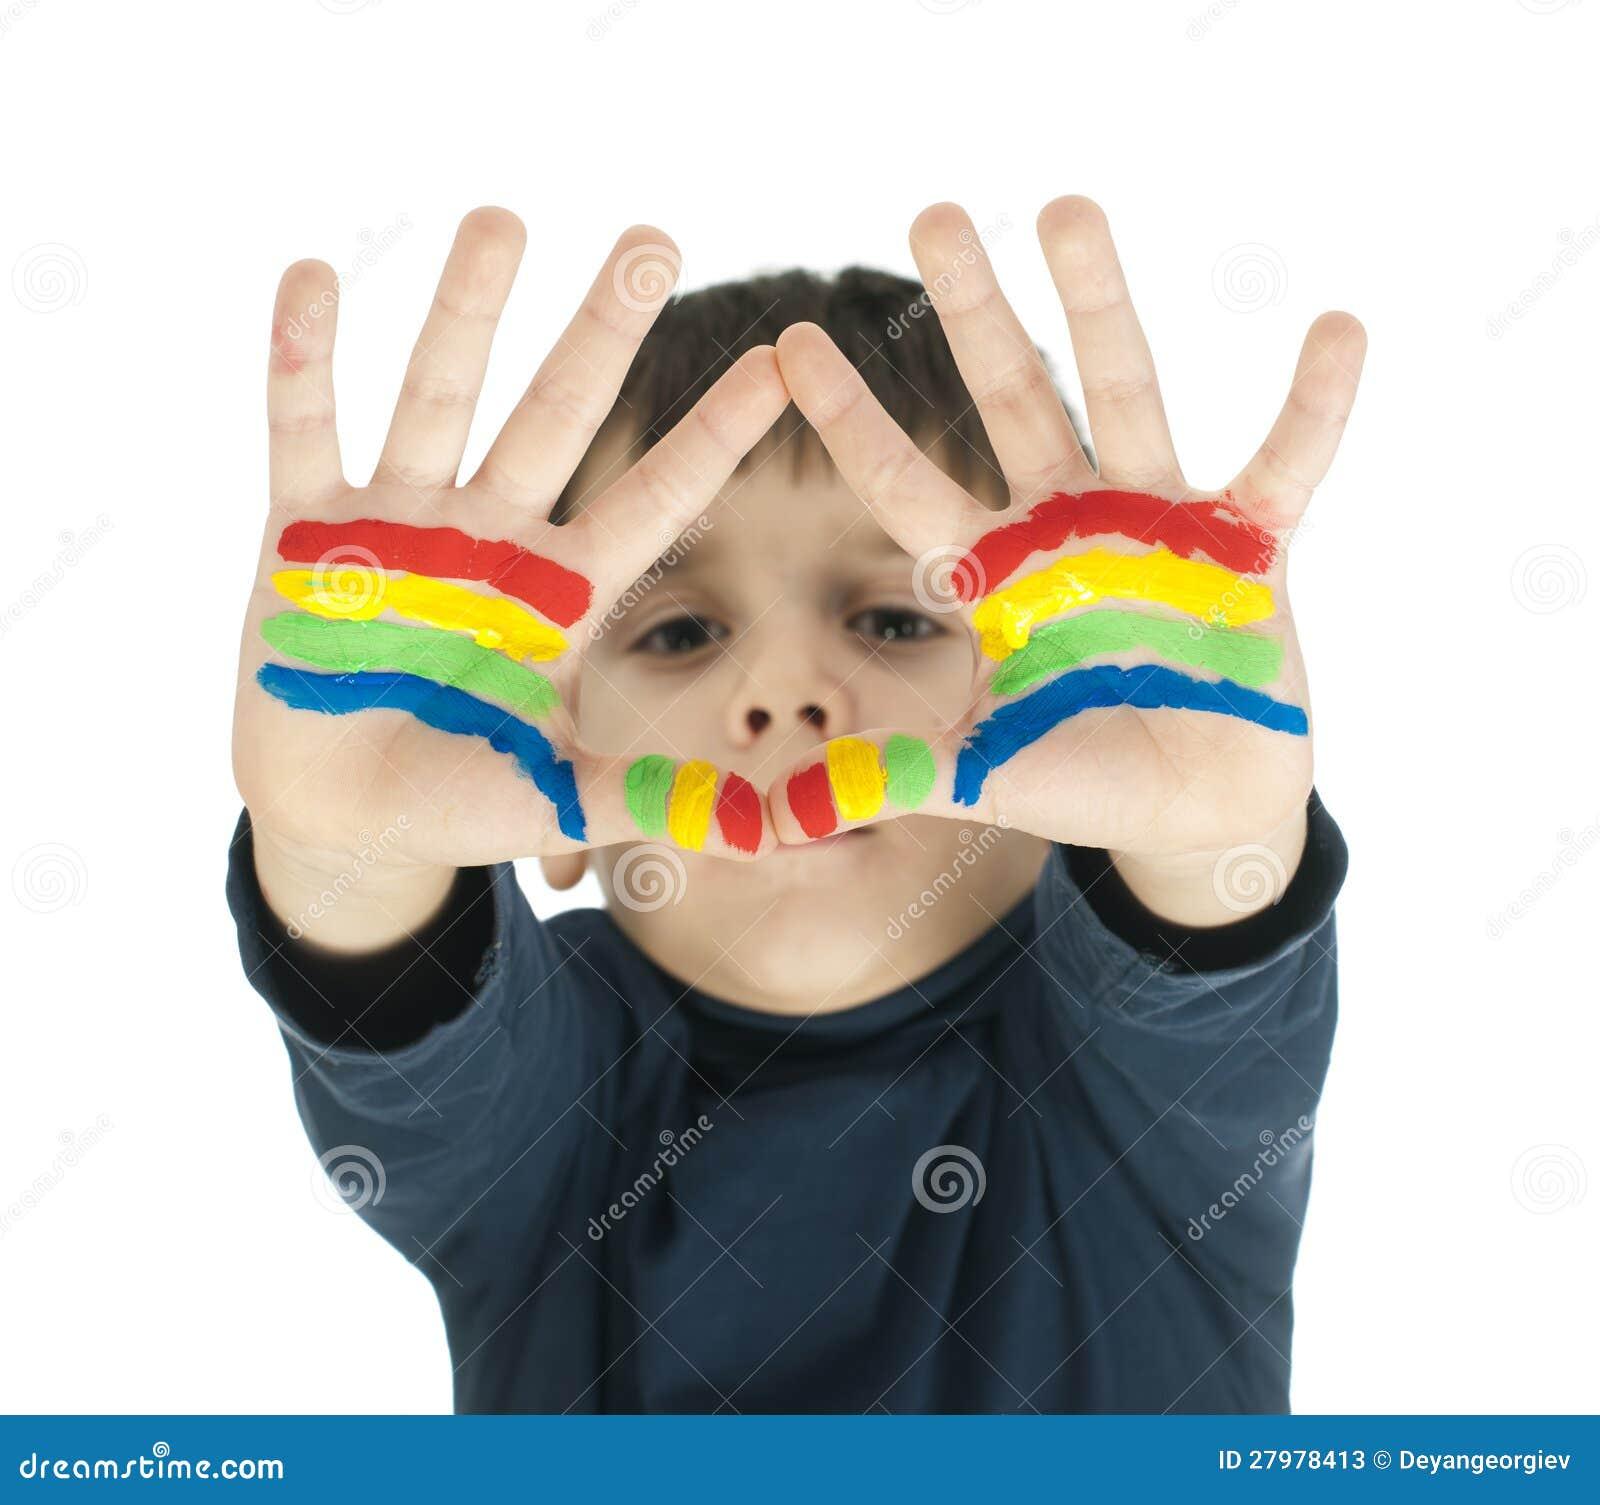 De handen van de jongen die met kleurrijke verf worden geschilderd stock afbeelding afbeelding - Turquoise ruimte van de jongen ...